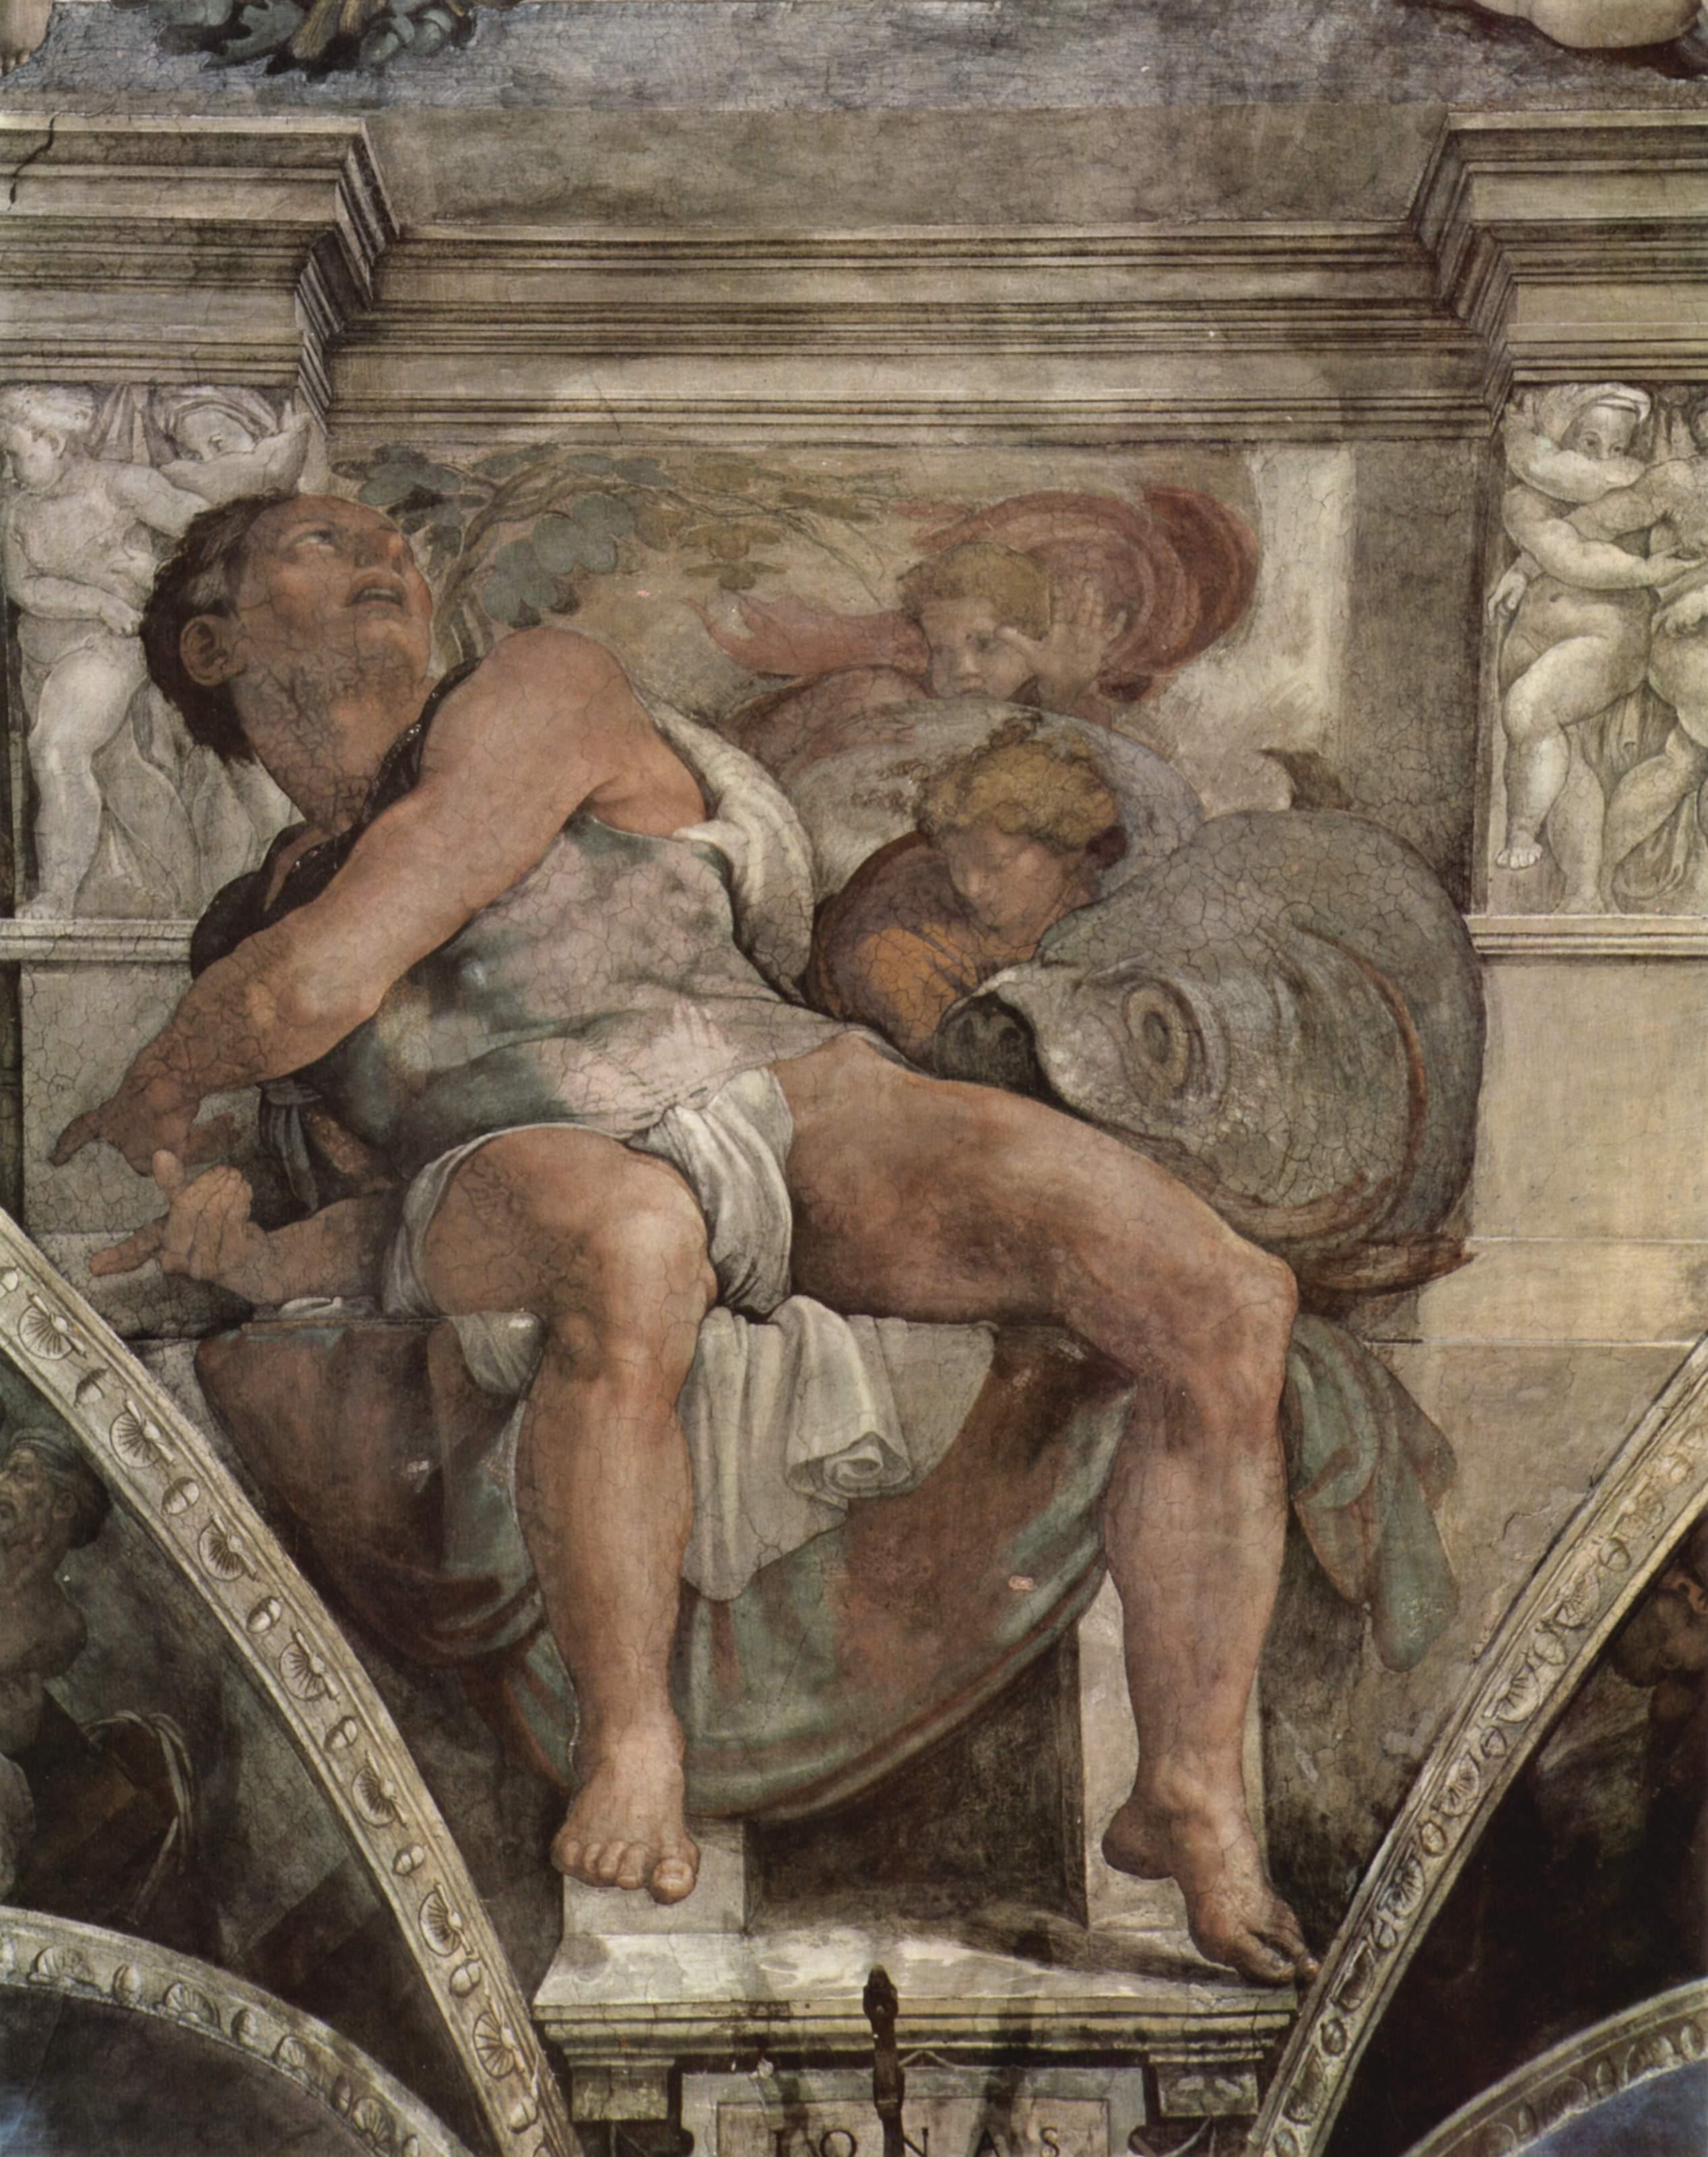 Biography of Michelangelo